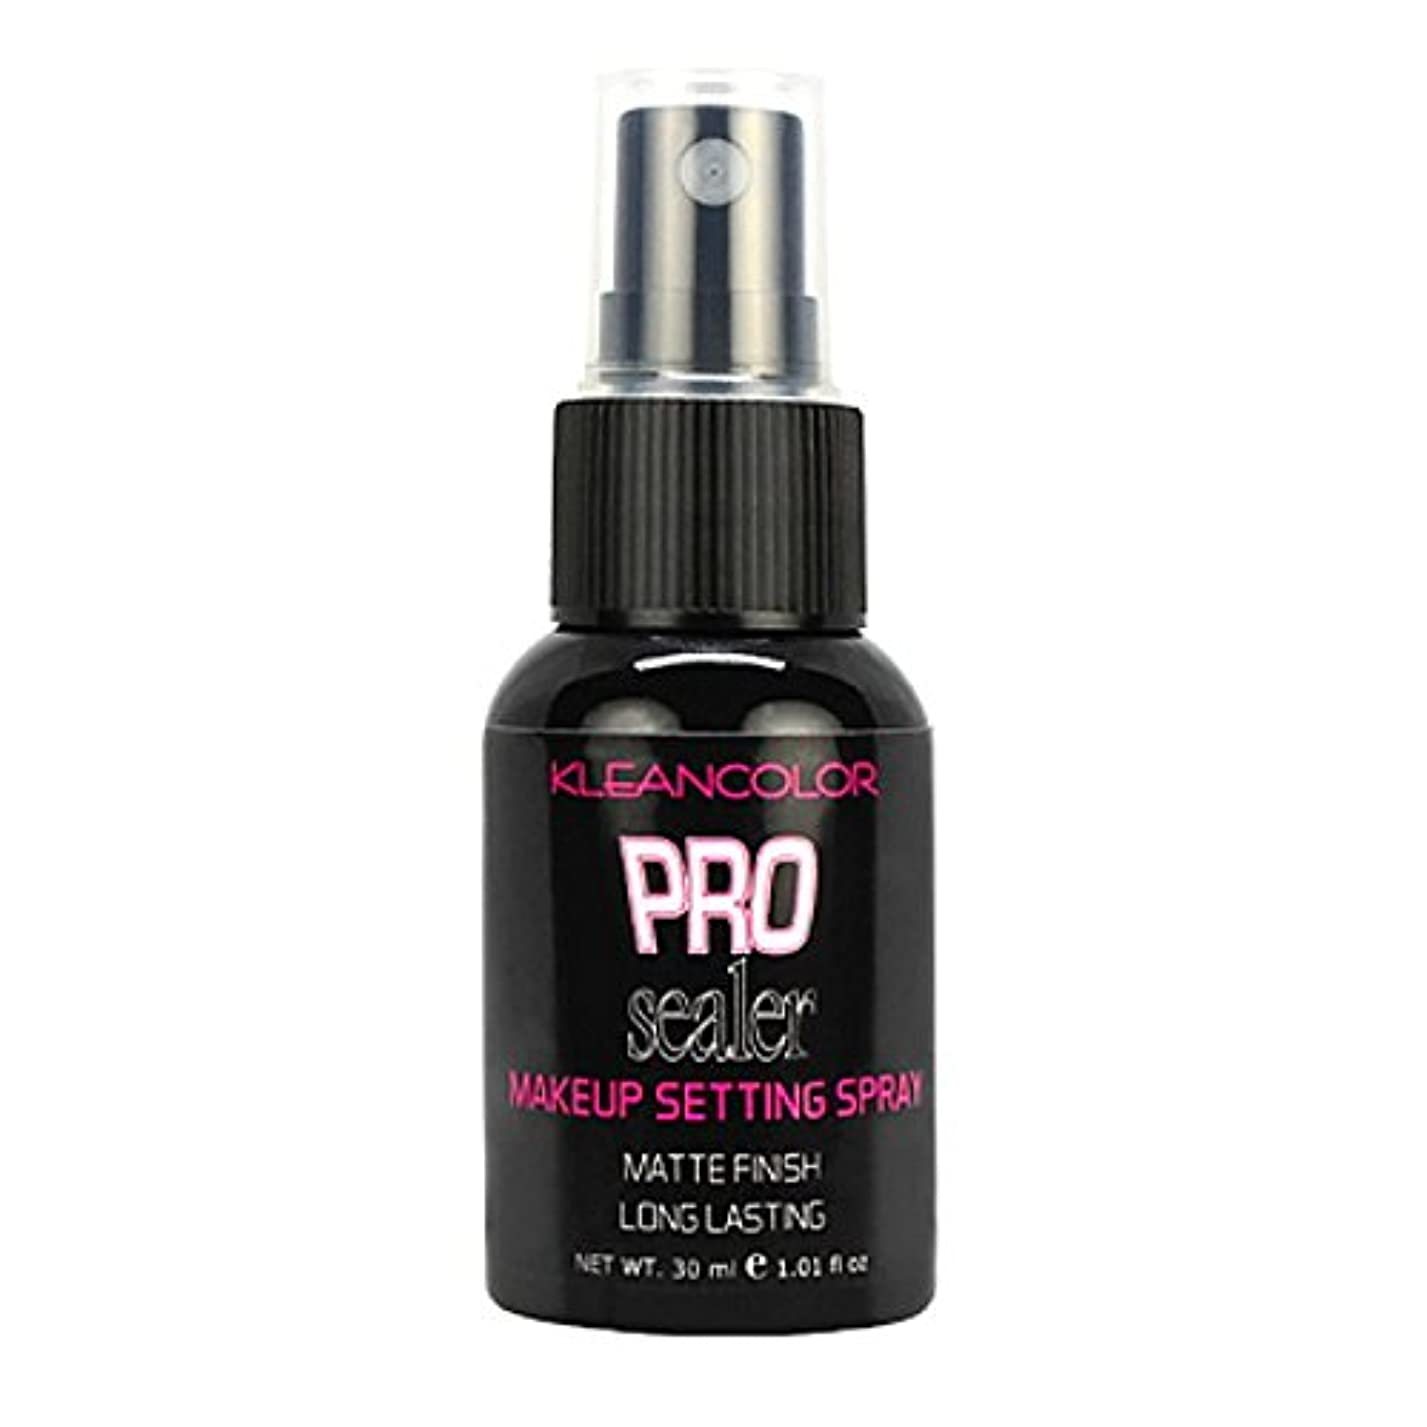 整理する抵抗力があるスキャンダル(6 Pack) KLEANCOLOR Pro Sealer Makeup Setting Spray - Matte Finish (並行輸入品)